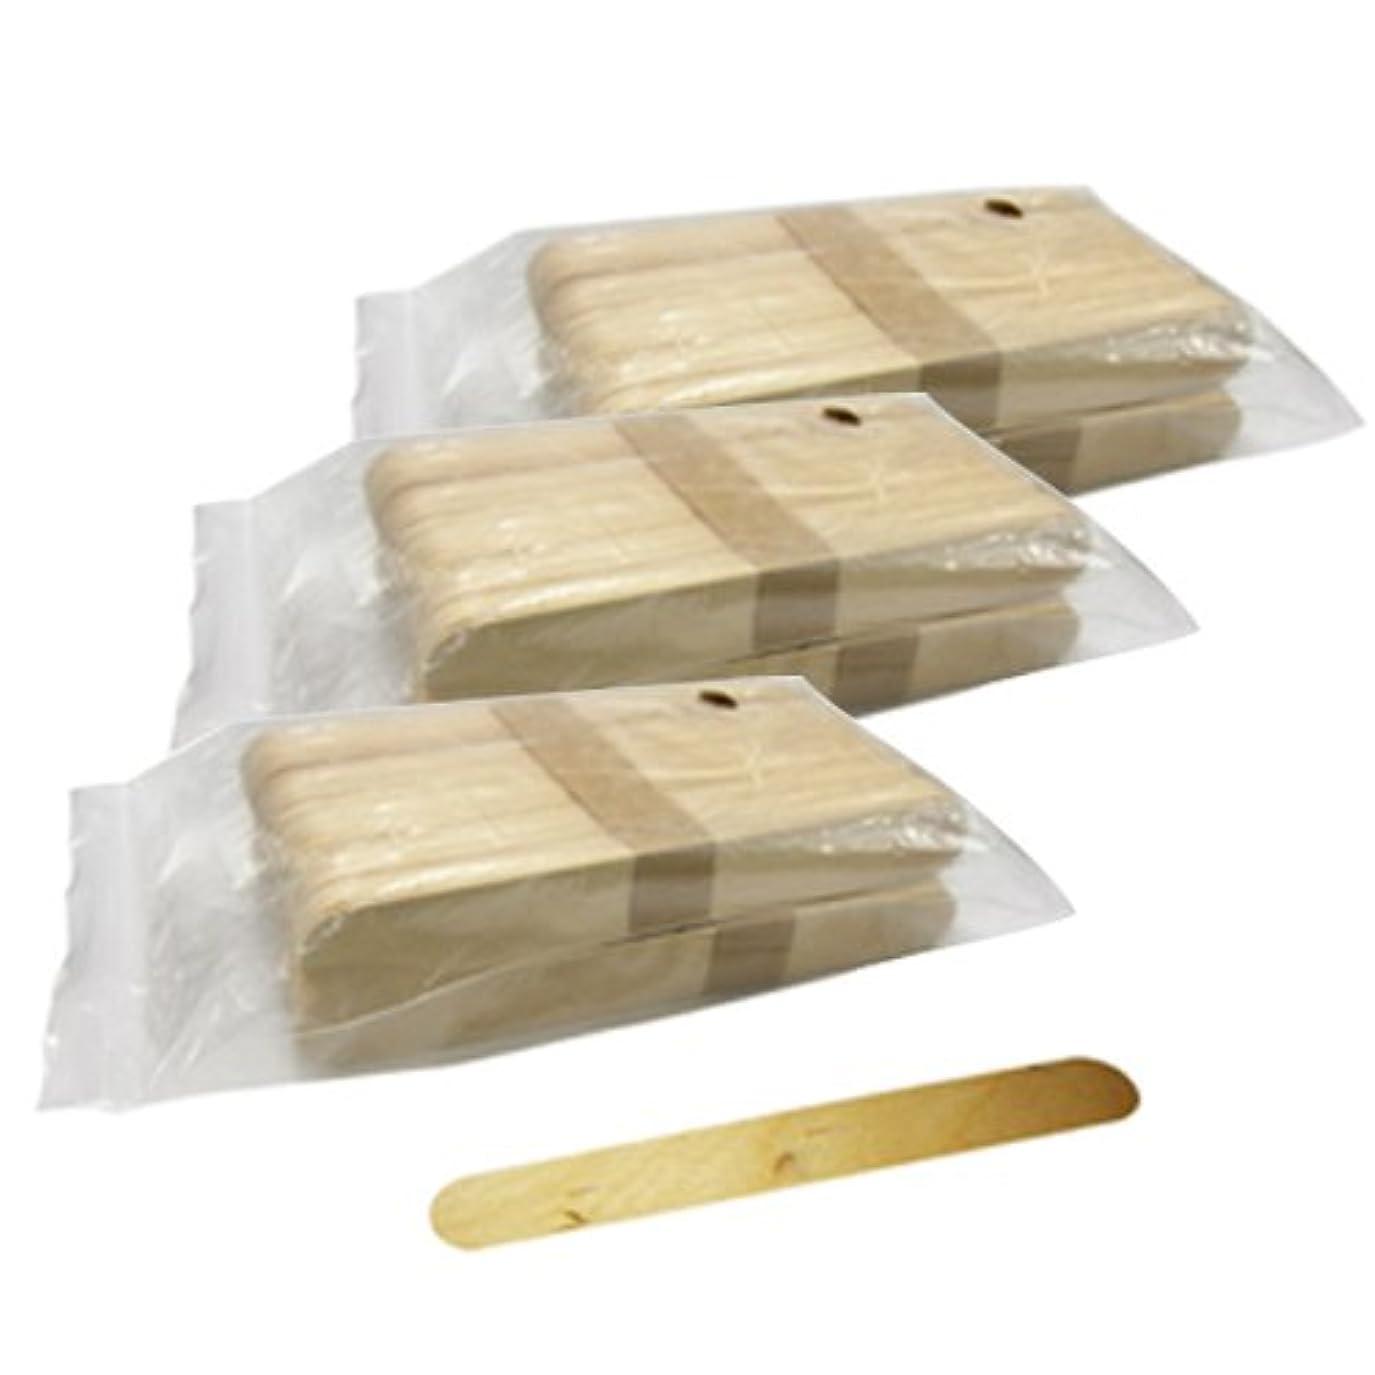 ブラウン標高スマート使い捨て【木ベラ/ウッドスパチュラ】(業務用100枚入り) × 3袋セット(計300枚)/WAX脱毛等や舌厚子にも …